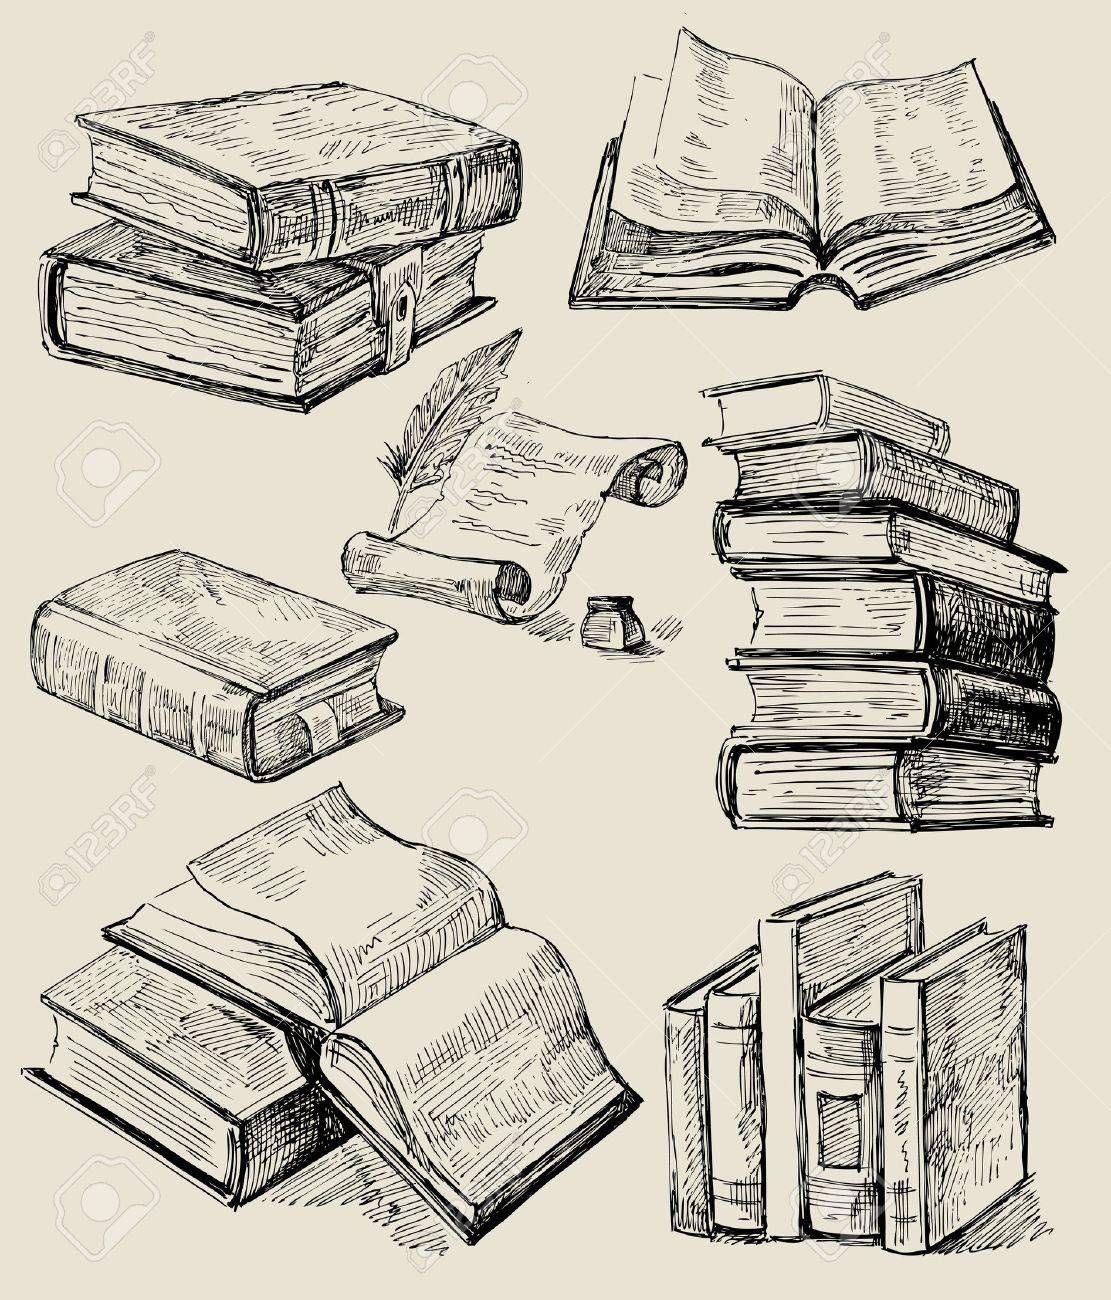 Bücher Stapel | tattooss | Pinterest | Buecher, Tattoo ideen und ...